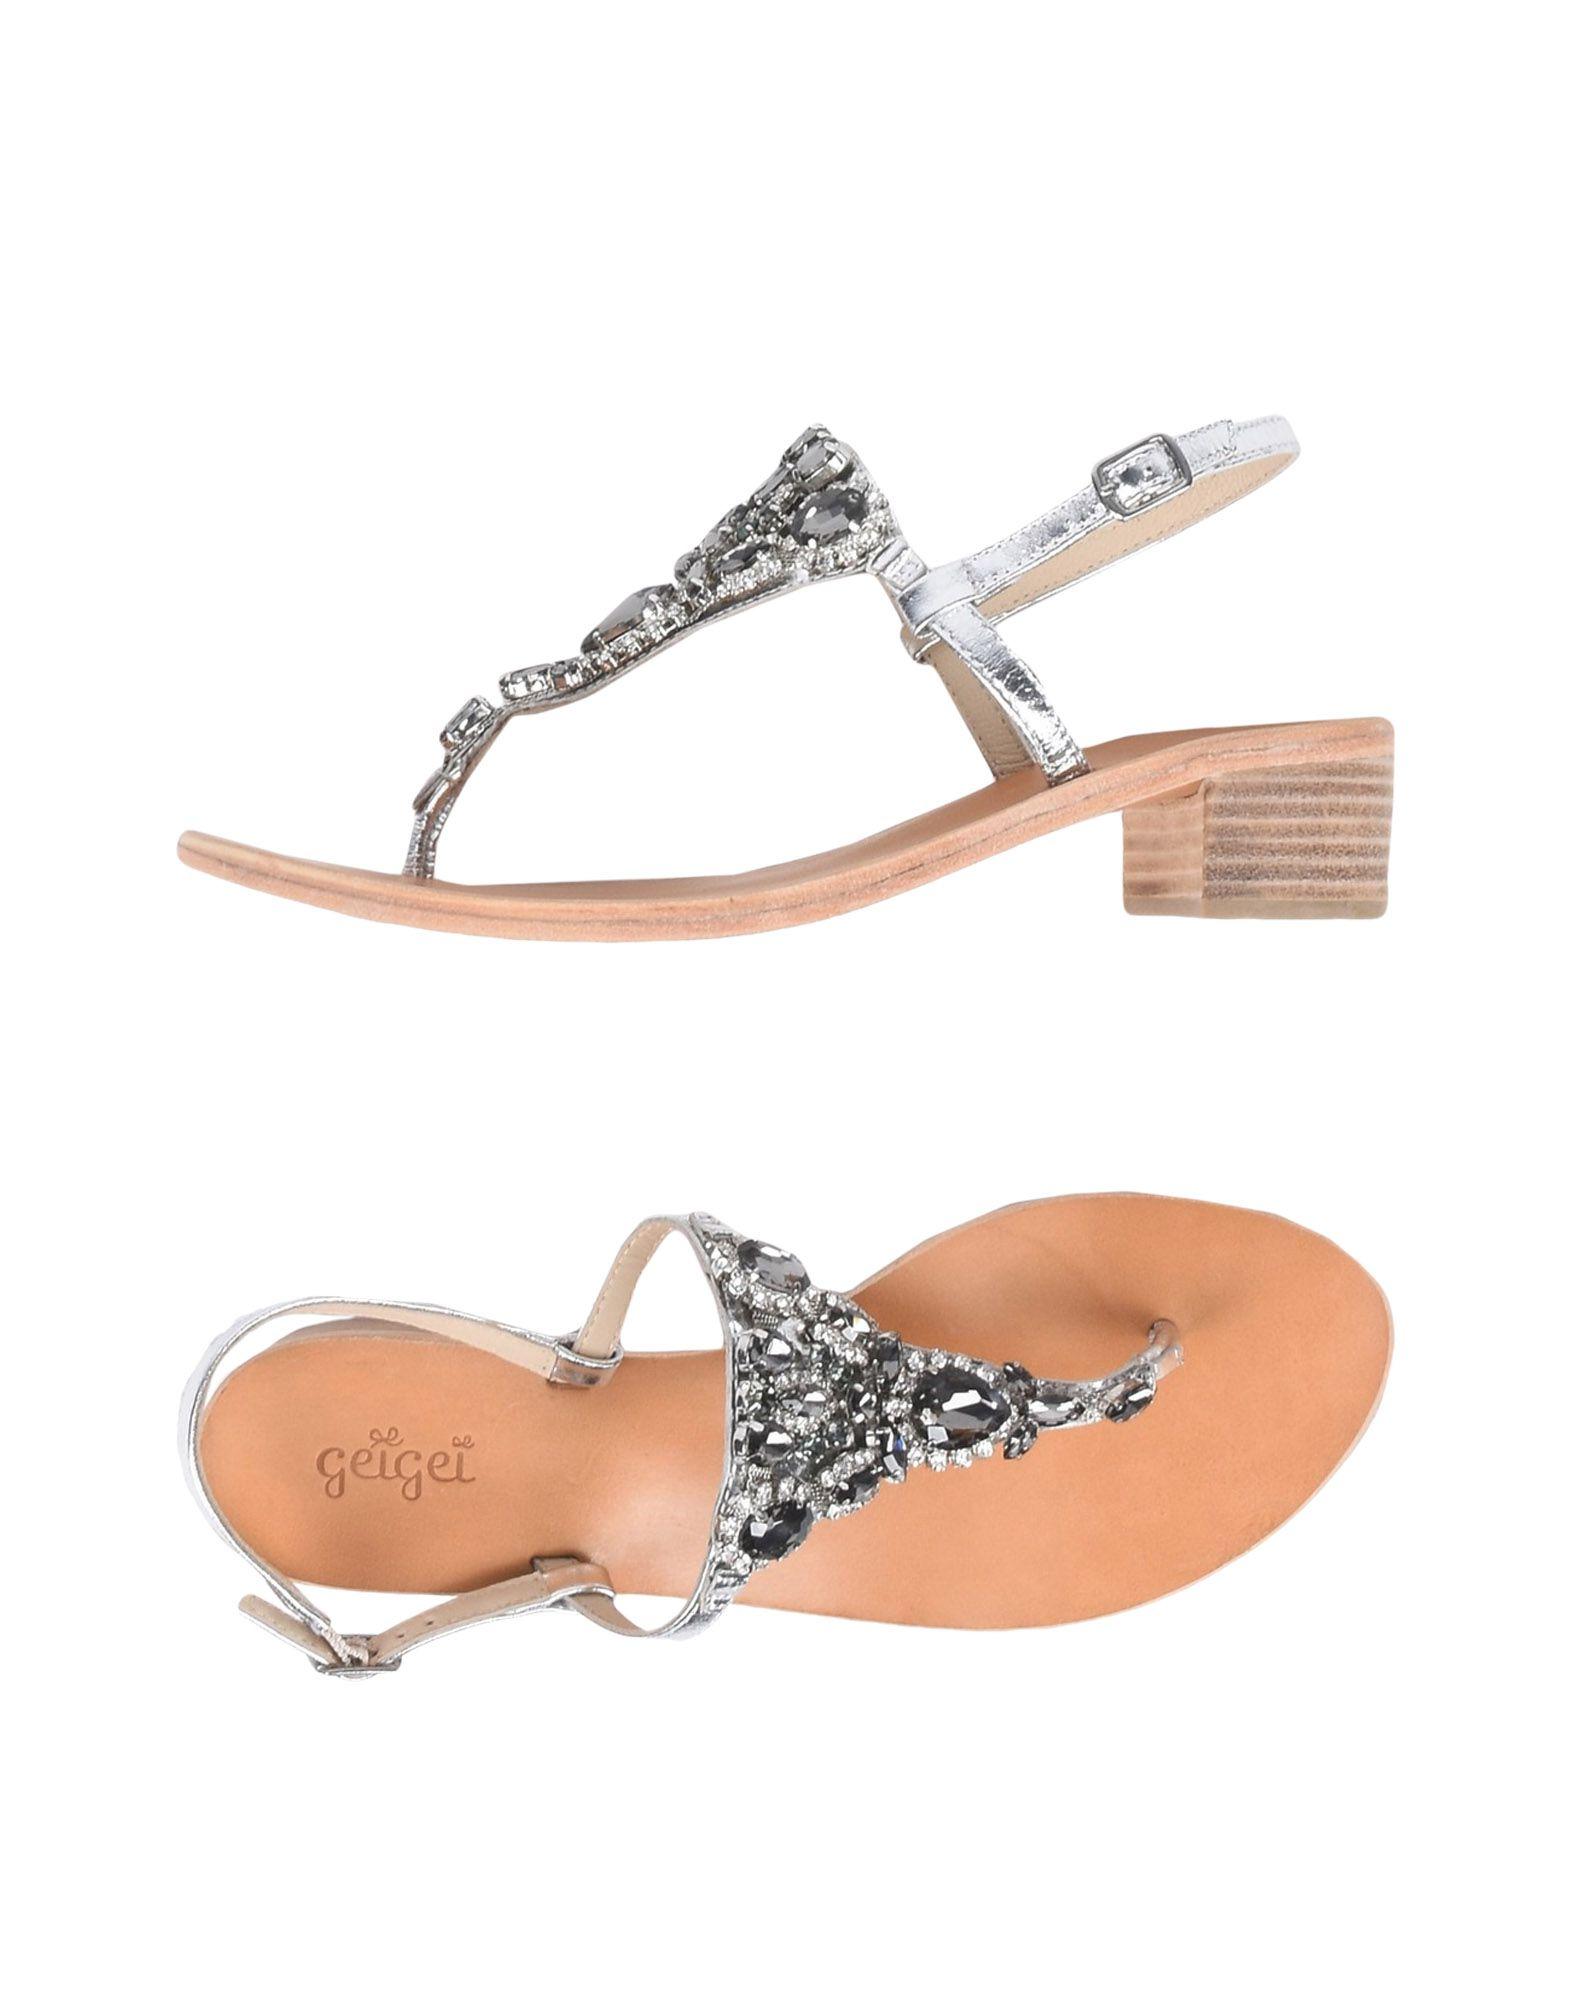 Gei Gei Dianetten Damen  11477078PV Neue Schuhe